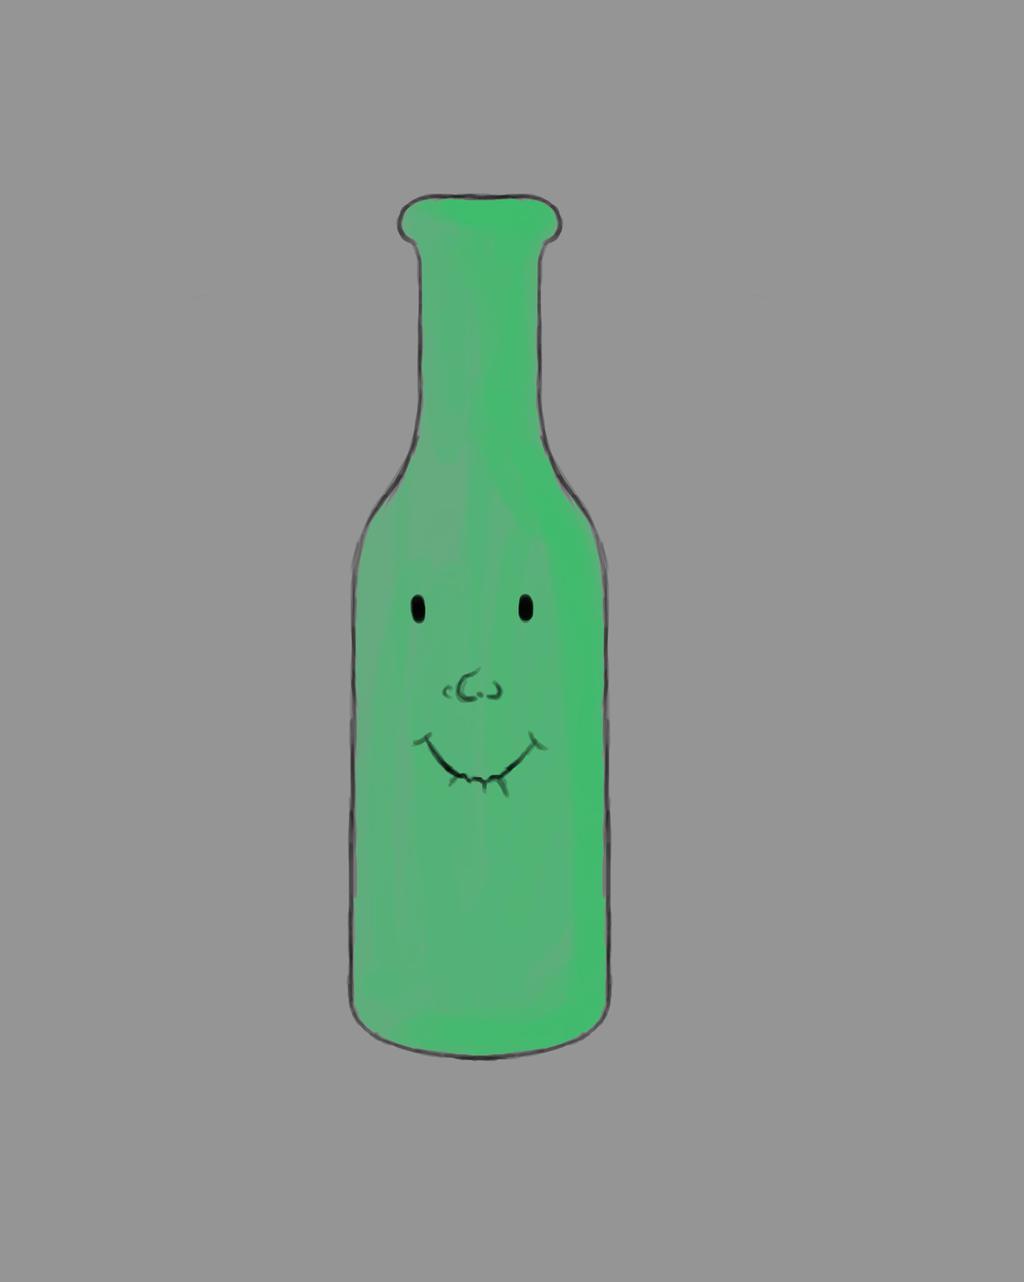 Bottle Daily sketch #449 by GothicVampireFreak